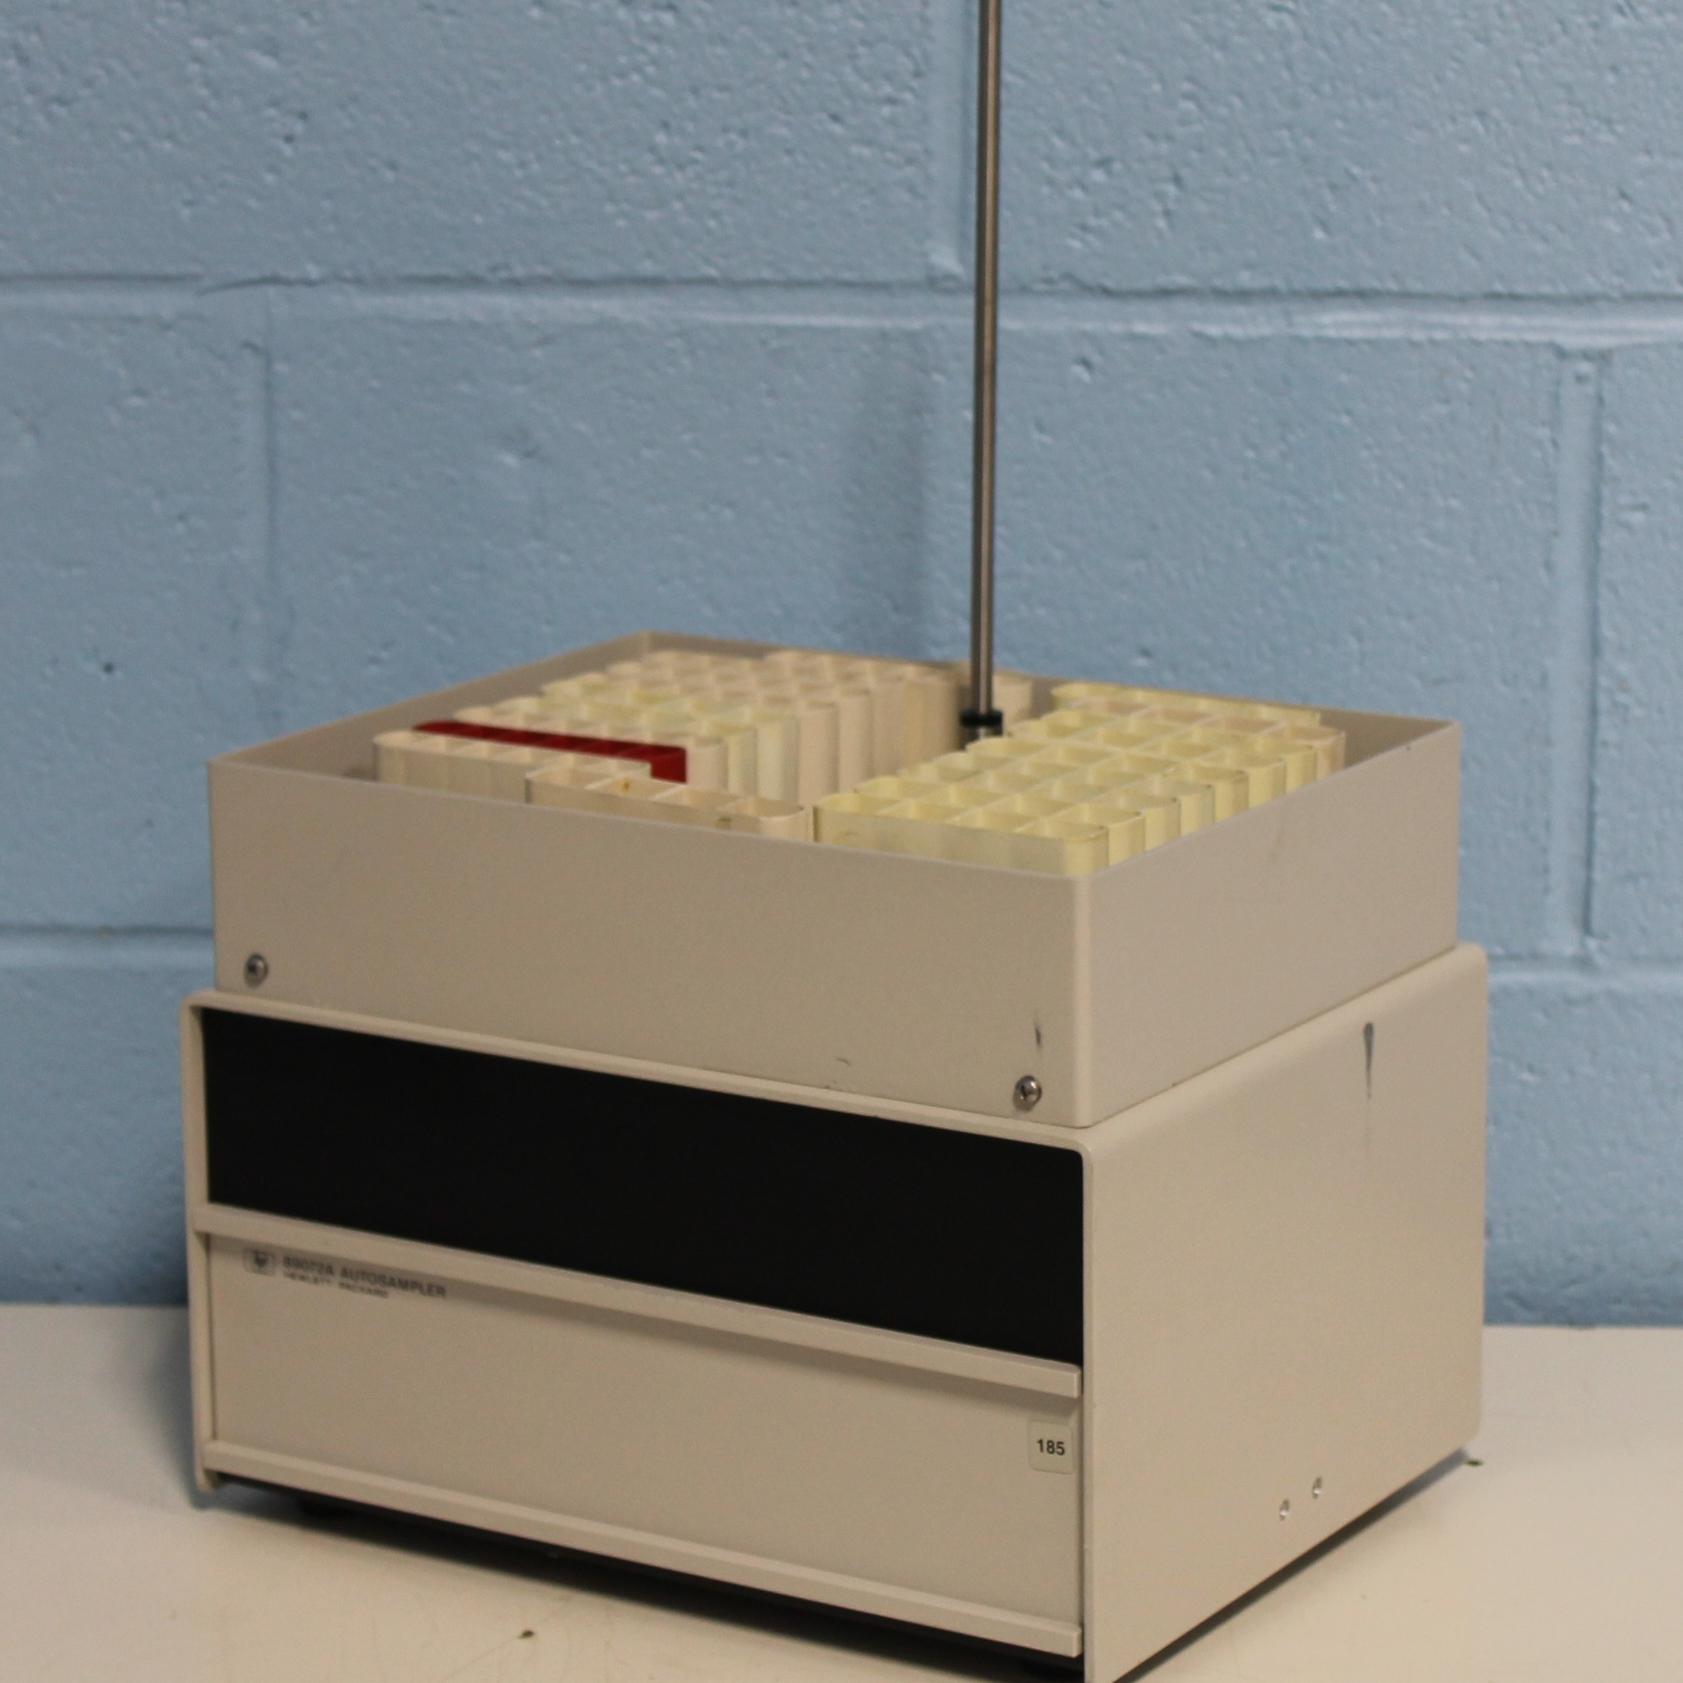 Hewlett Packard HP AutoSampler 89072A Image